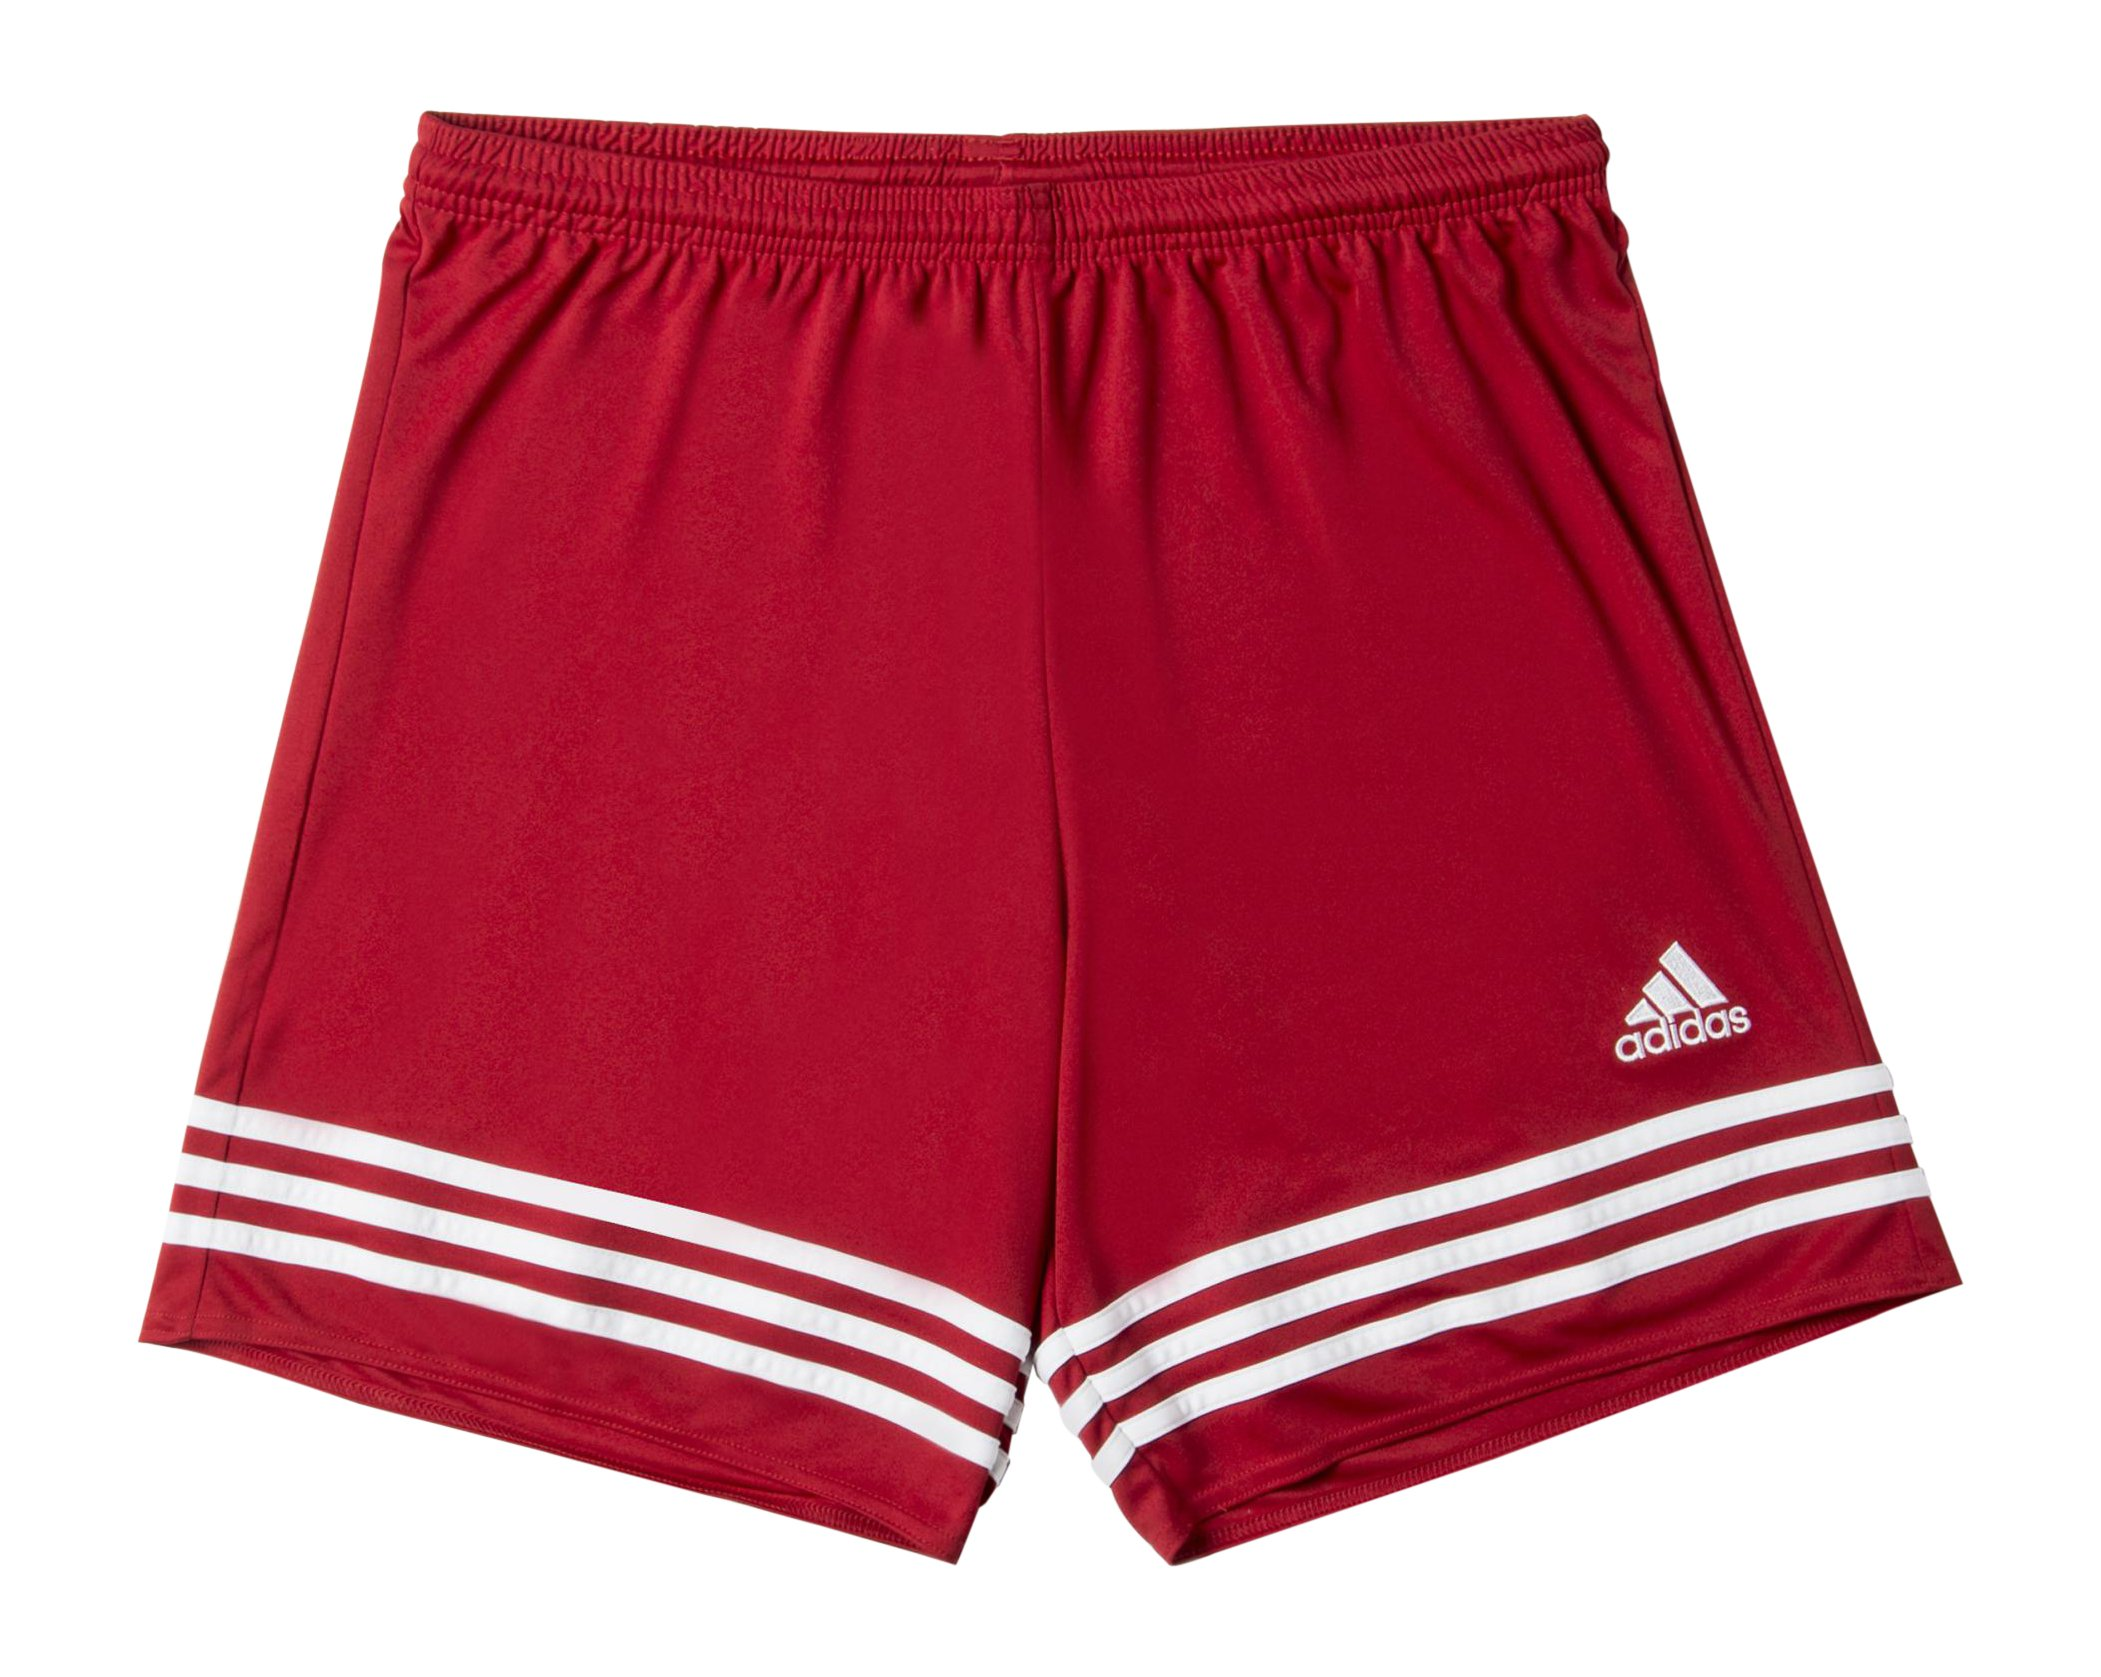 a basso costo 857ab df030 Adidas Entrada 14, Pantaloncini Bambino - Face Shop